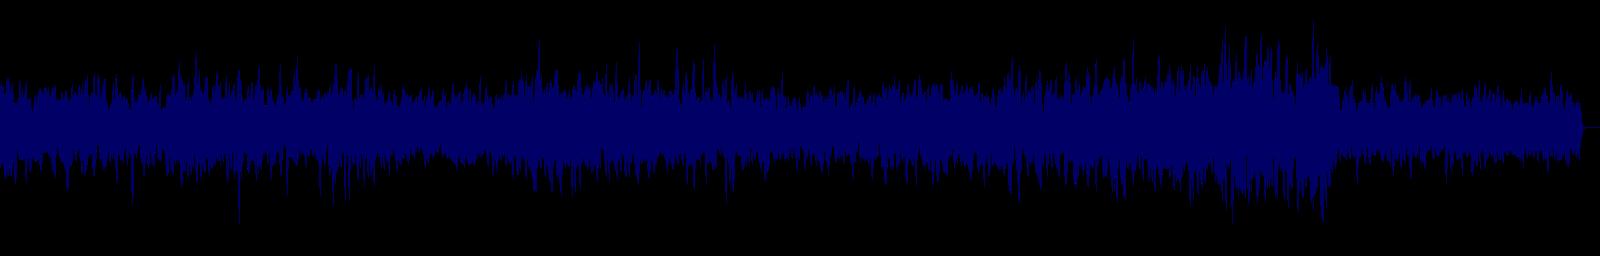 waveform of track #105840